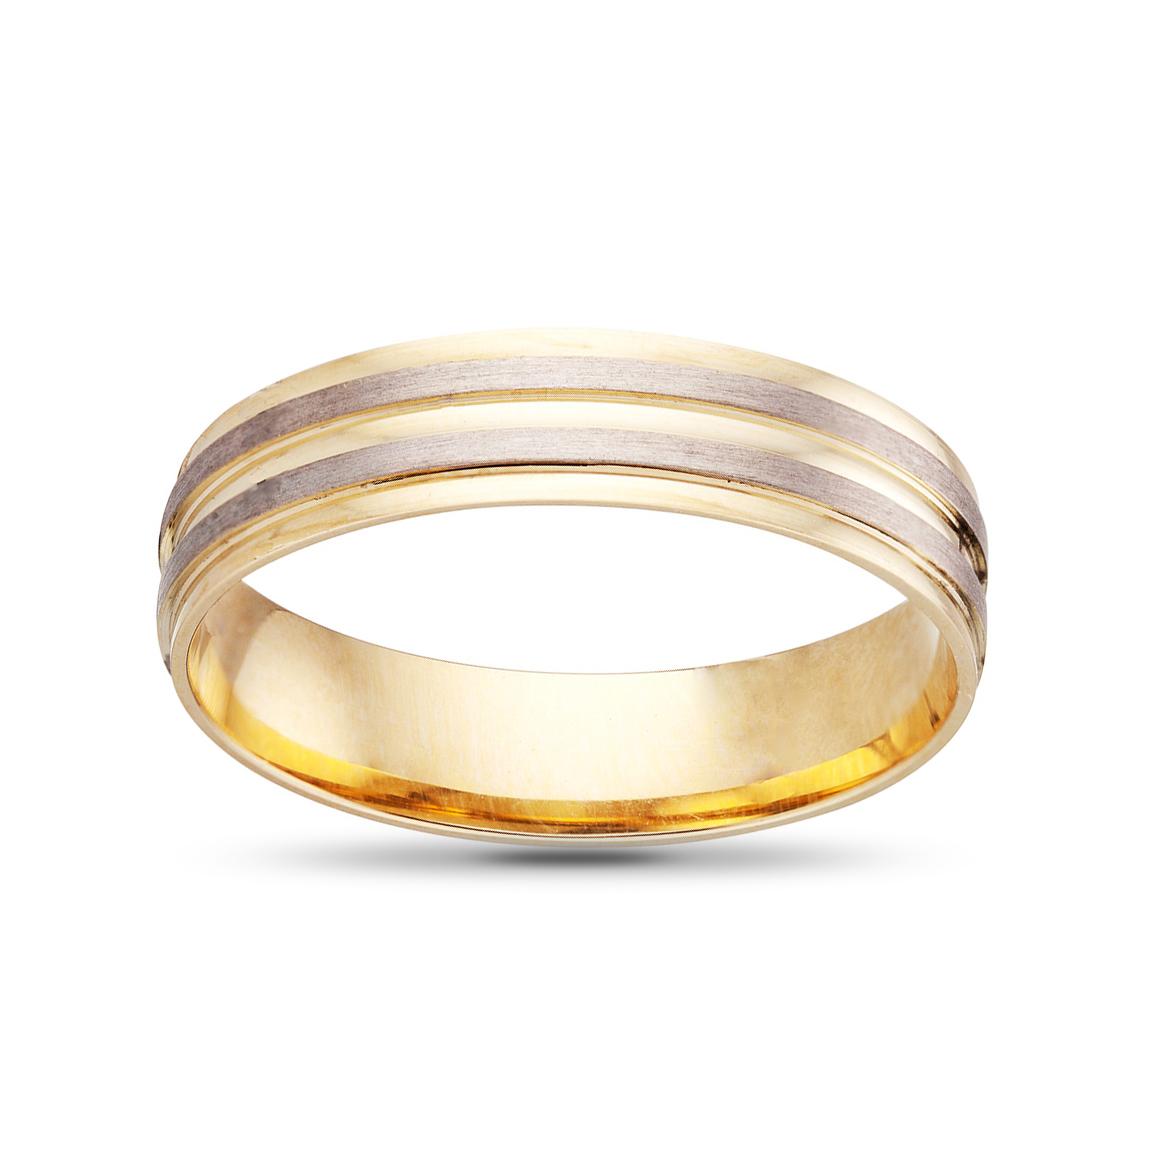 Кольцо обручальное из золота, синтеринг , 5мм